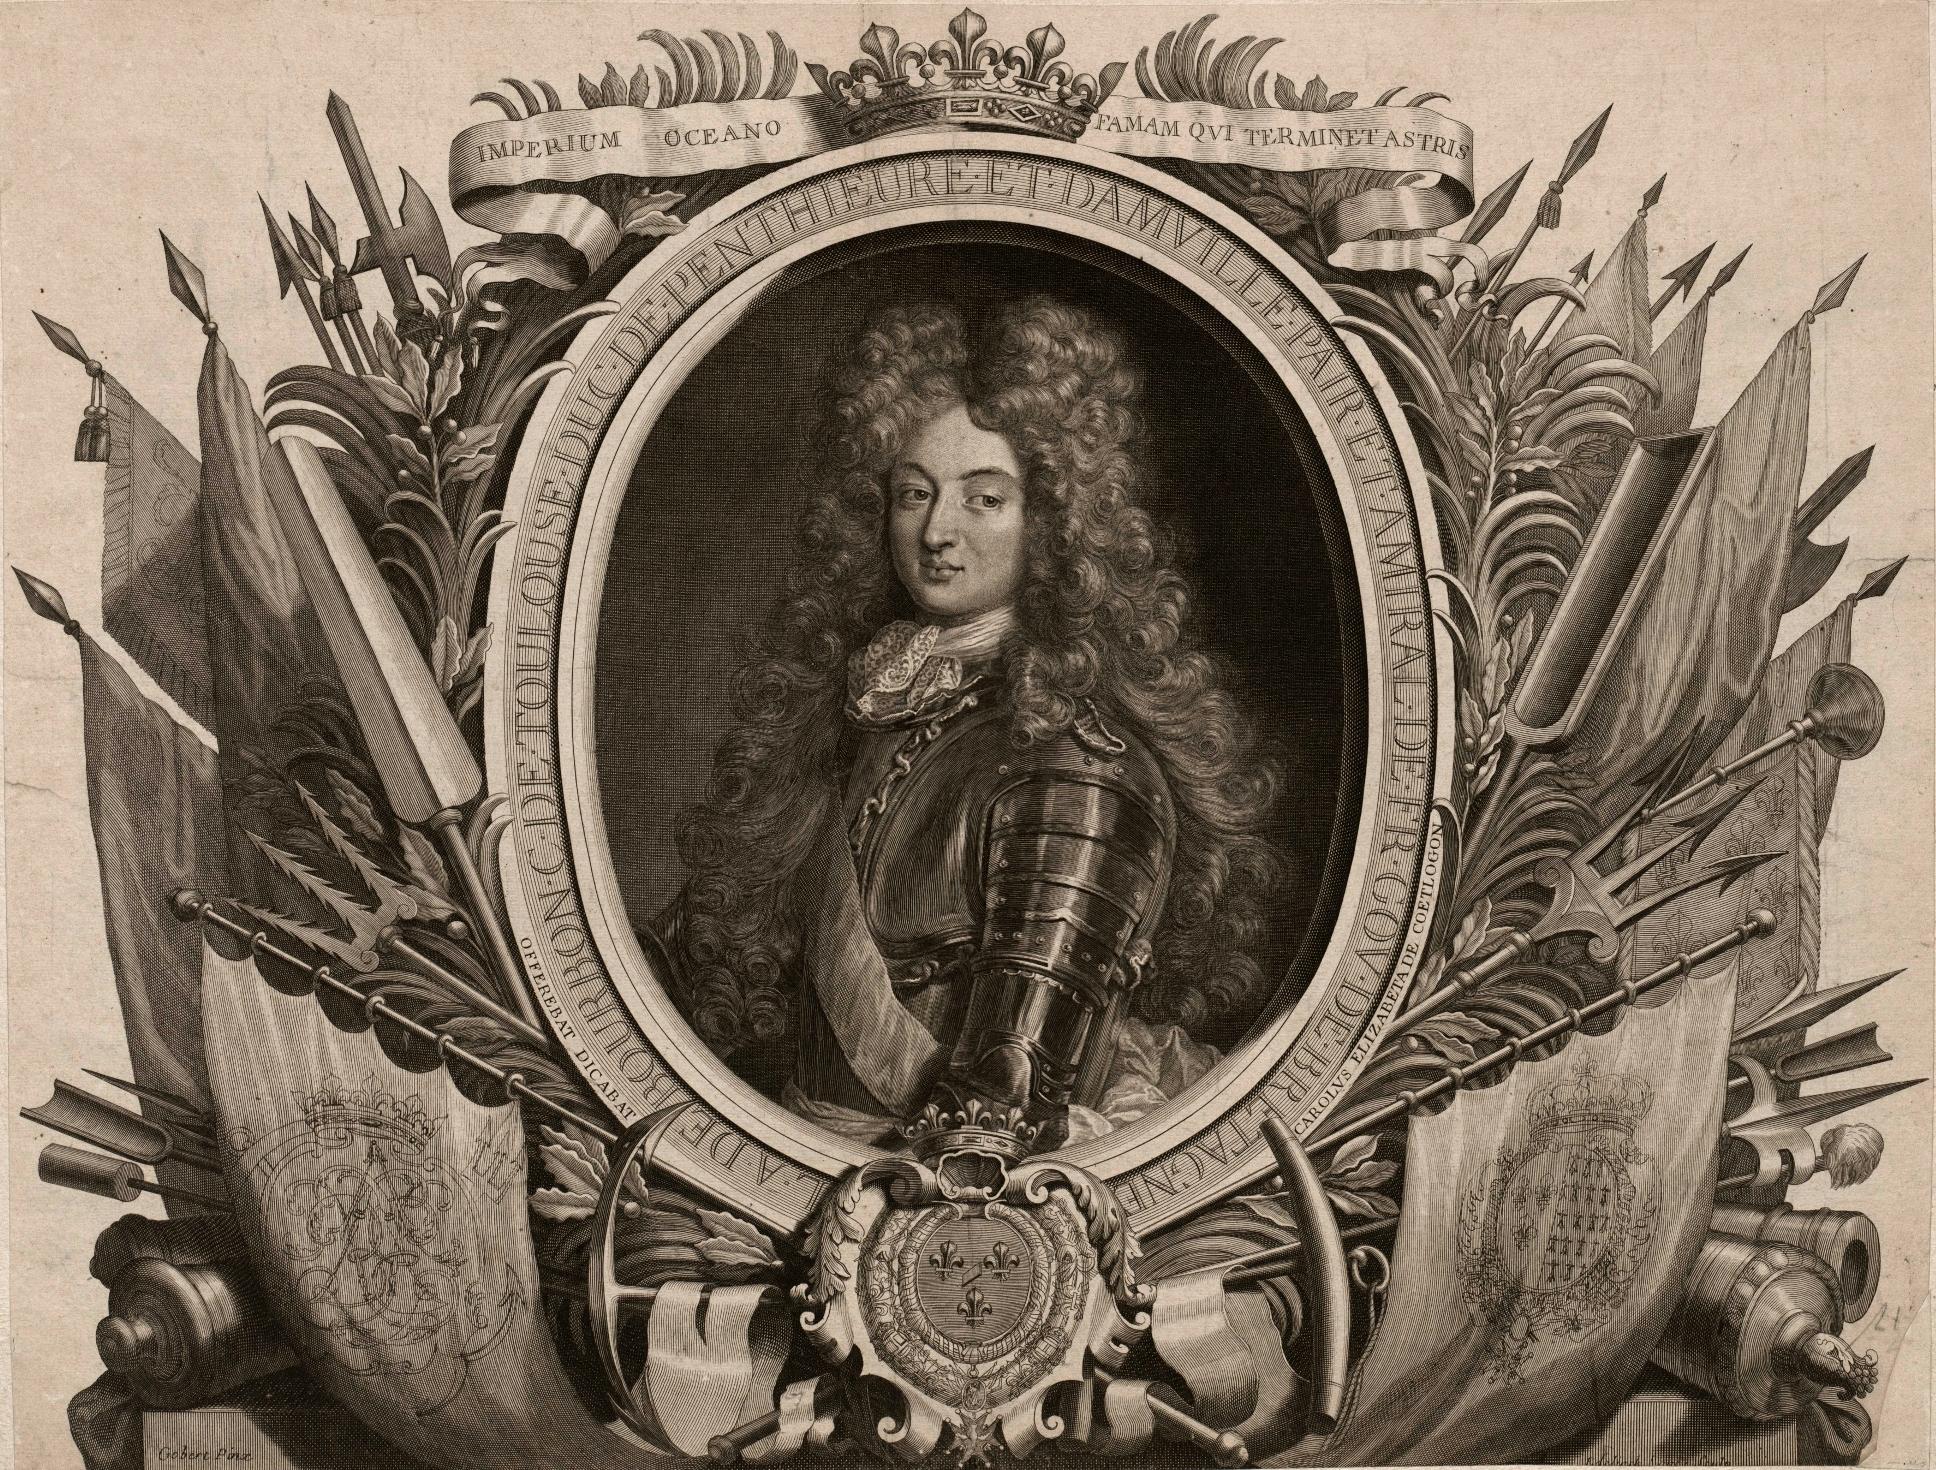 Prince Louis-Alexandre de Bourbon, Comte de Toulouse (1678 - 1737), Duc de Penthièvre, de Rambouillet et de Châteauvillain, Prince de Lamballe, Pair et Prince du Sang de France. Fils légitimé du roi Louis XIV et de la Marquise de Montespan.